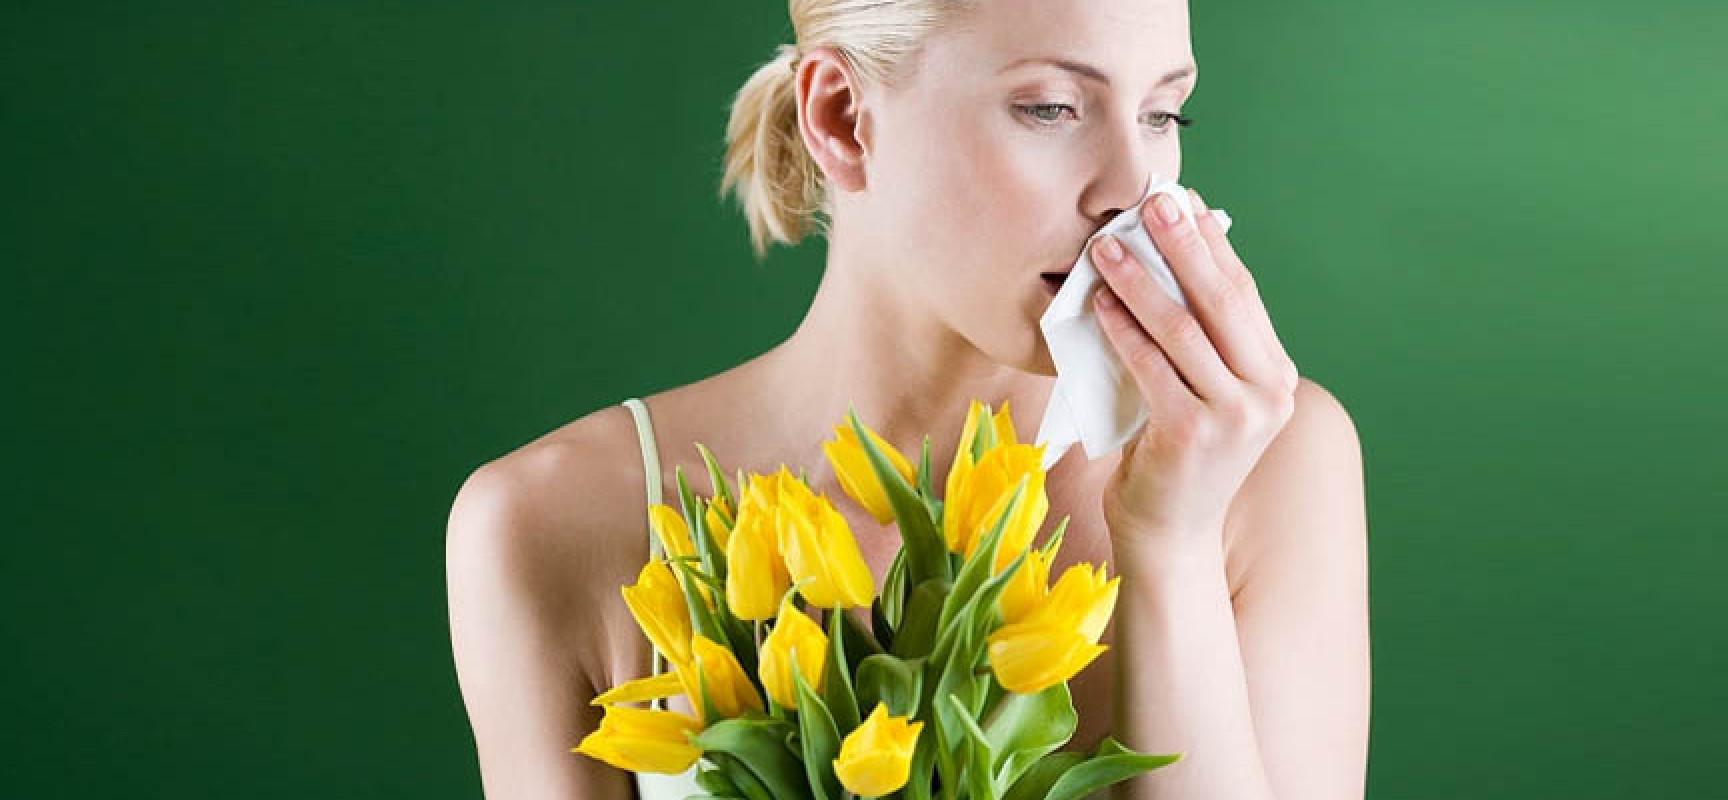 Девушка с аллергией на цветы